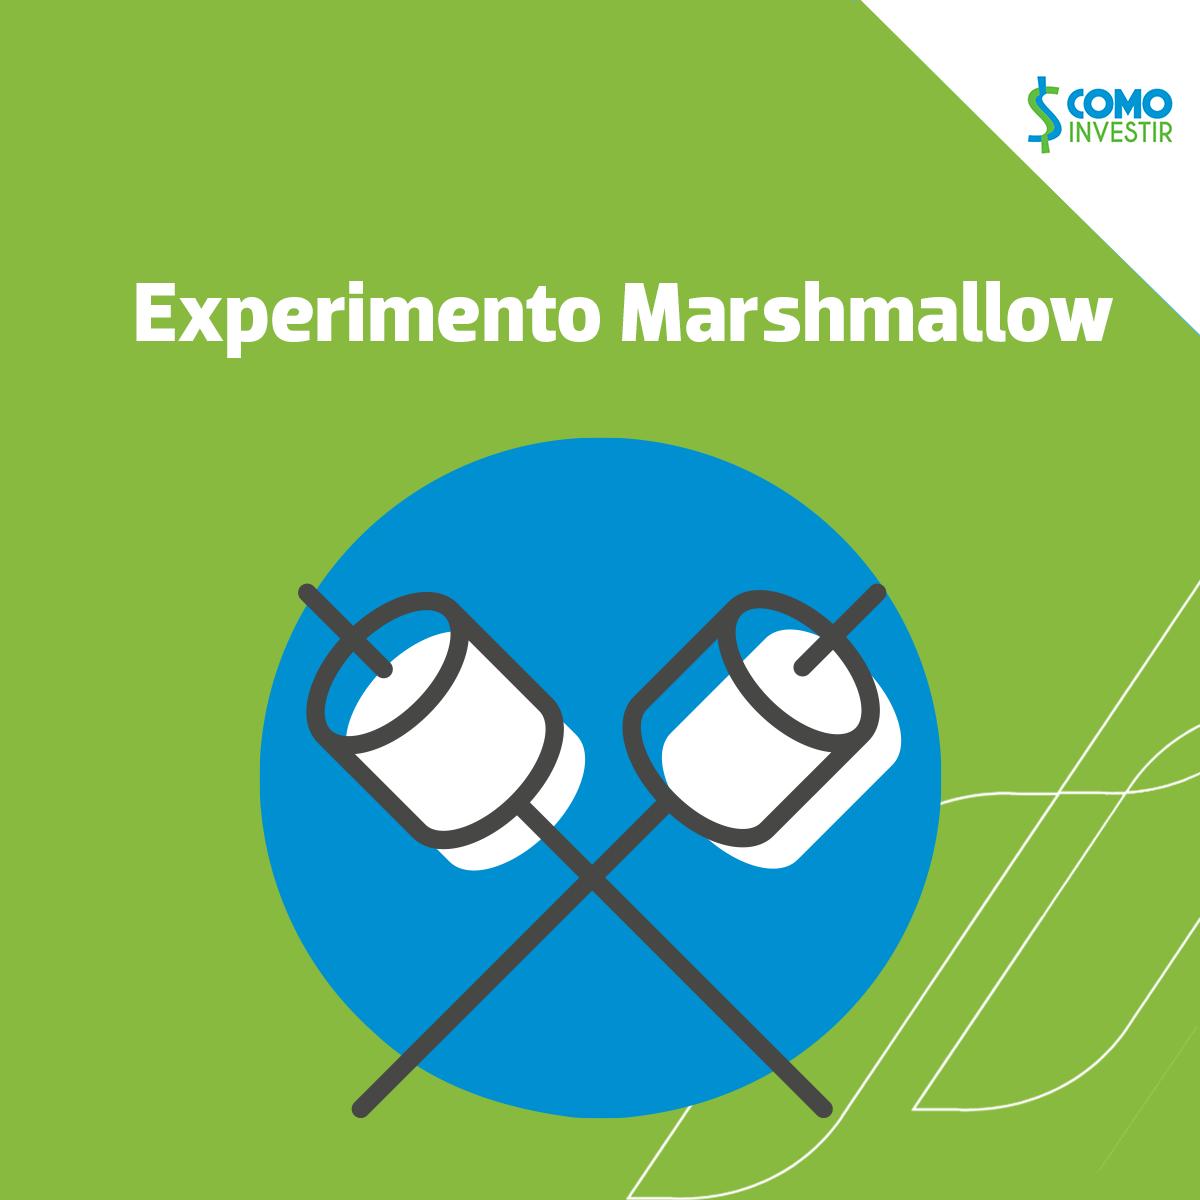 Experimento do Marshmallow: o que ele pode nos ensinar sobre cuidar do futuro?